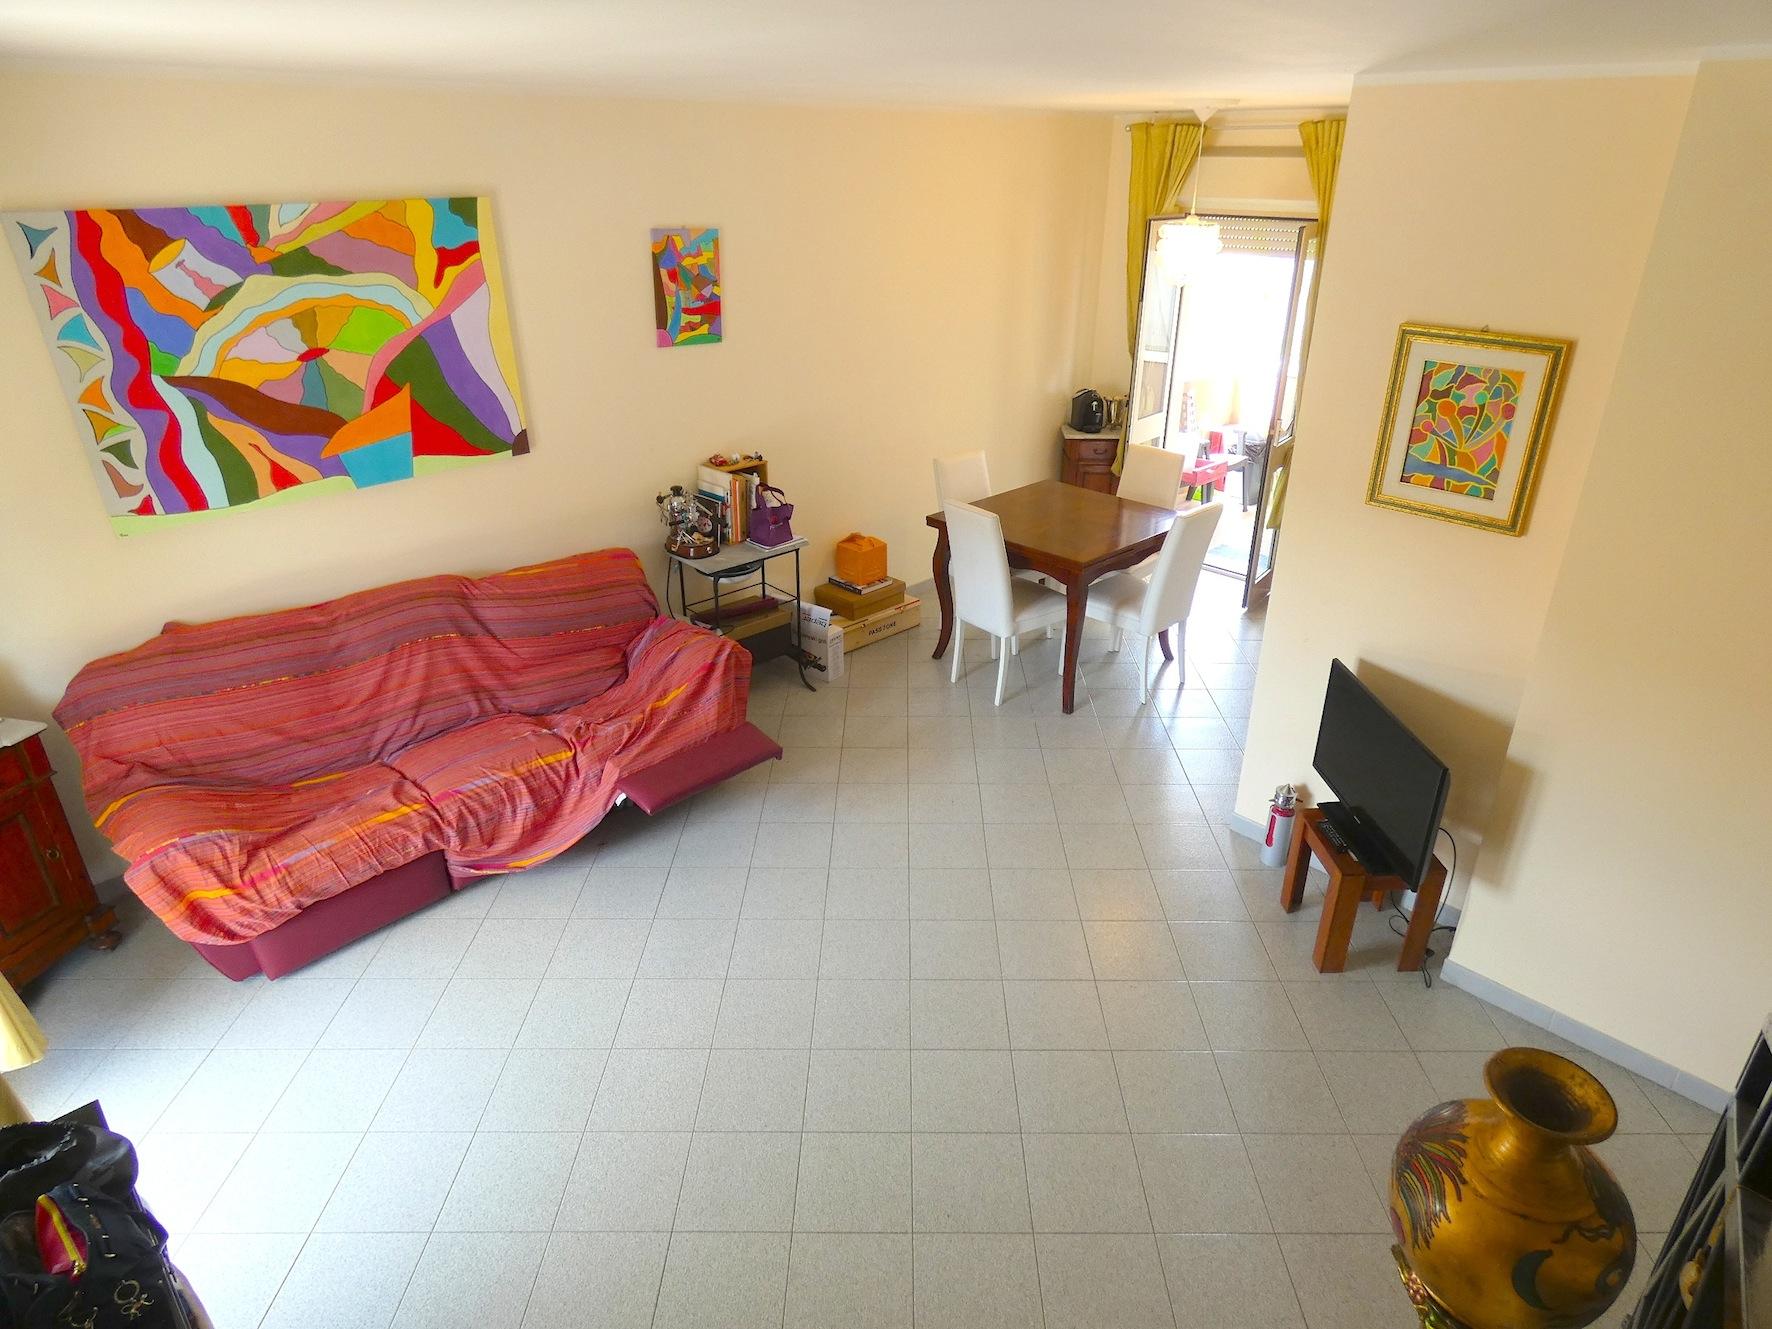 RICCIONE PAESE/STATALE, appartamento in vendita ampia metratura